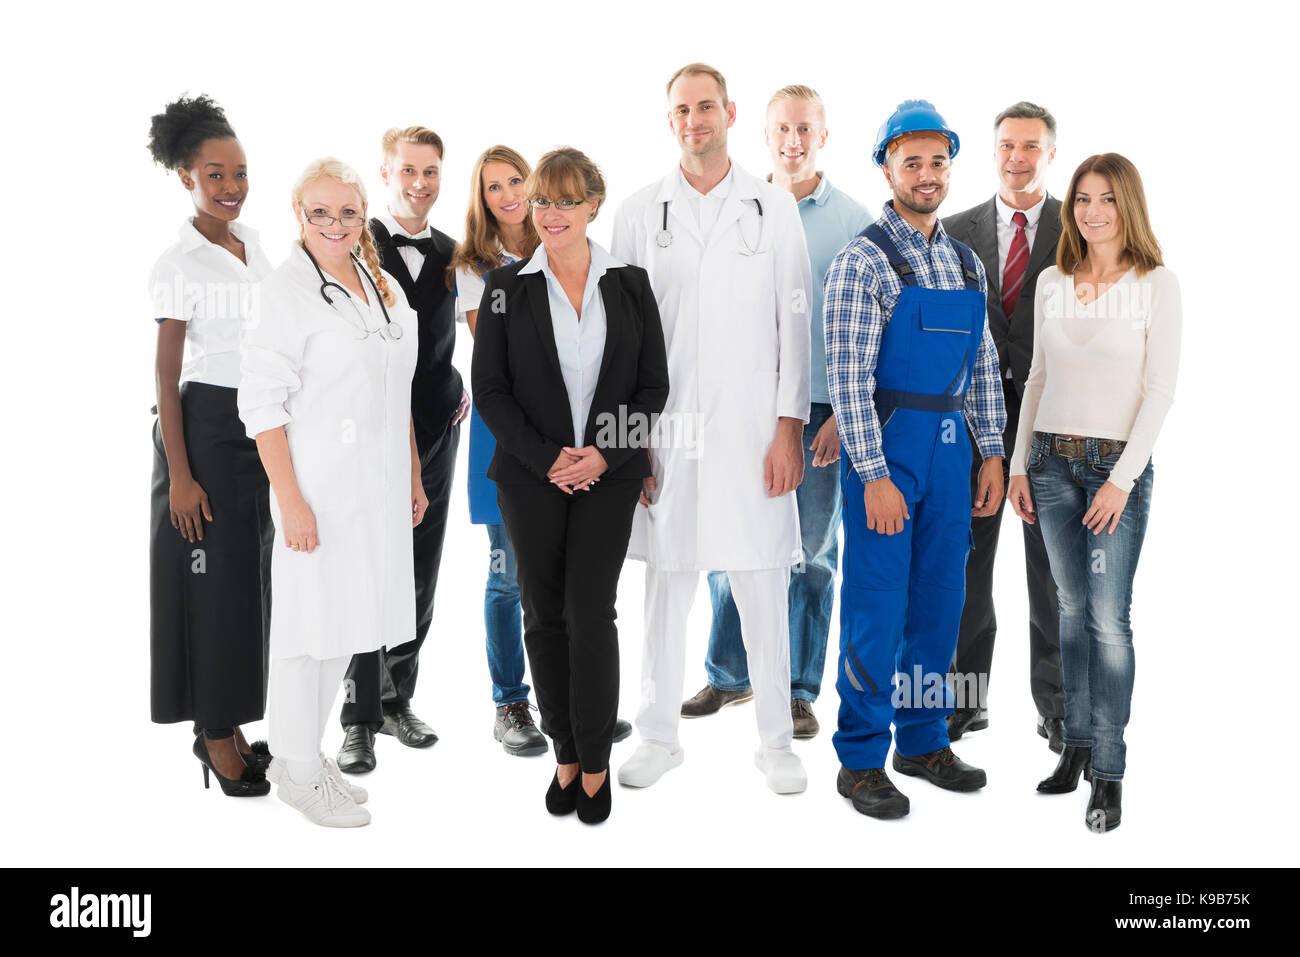 Ritratto di gruppo di fiducia alle persone di diverse professioni in piedi contro uno sfondo bianco Immagini Stock